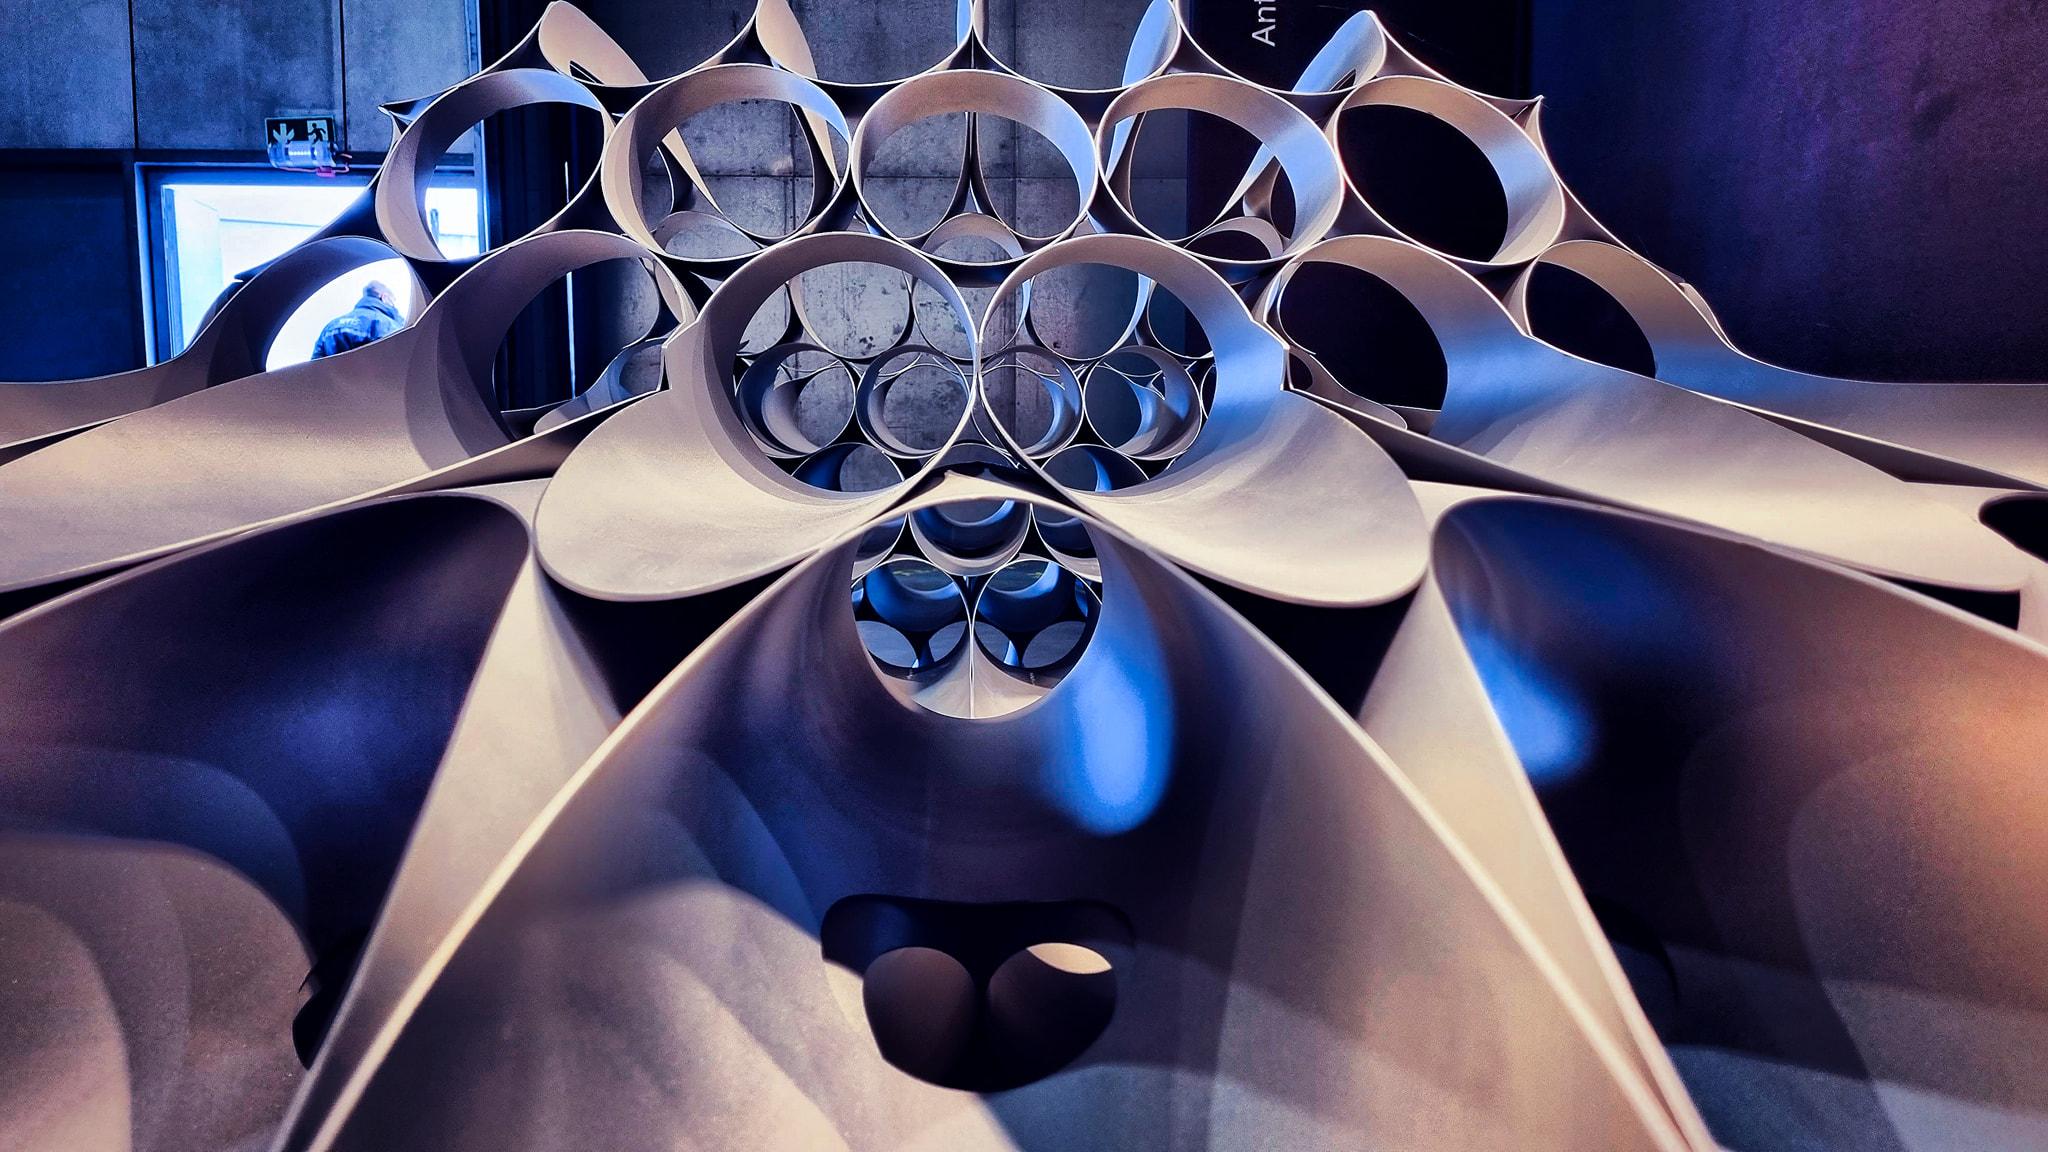 Détails 150 tubes inox - effet de vitesse